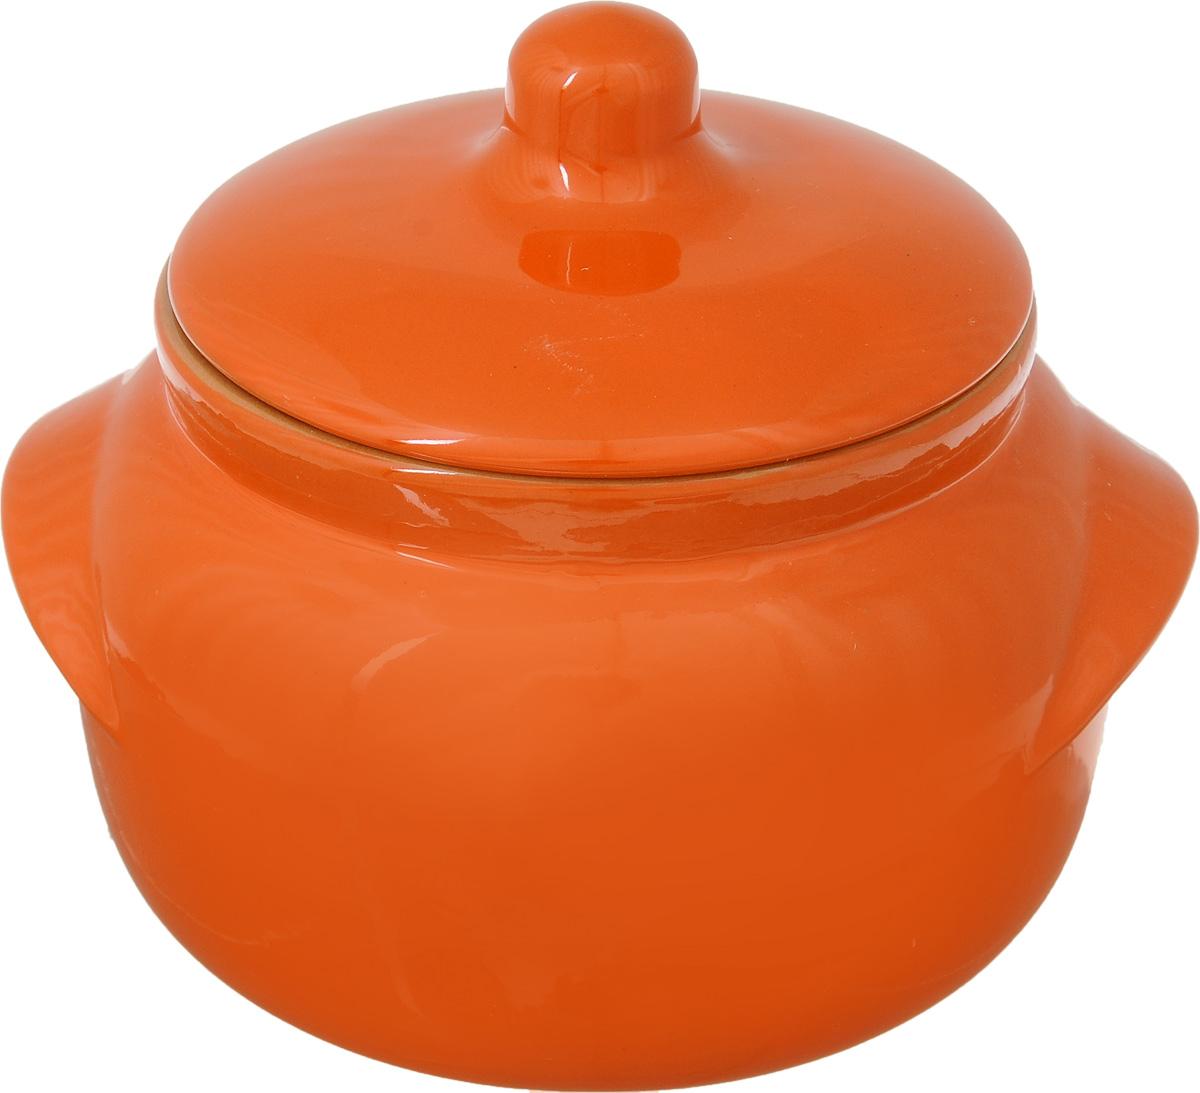 Горшочек для запекания Борисовская керамика Новарусса, цвет: оранжевый, 500 млРАД14457746Горшочек для запекания Борисовская керамика Новарусса выполнен из высококачественной керамики. Внутренняя и внешняя поверхность покрыты глазурью. Керамика абсолютно безопасна, поэтому изделие придется по вкусу любителям здоровой и полезной пищи. Горшок для запекания с крышкой очень вместителен и имеет удобную форму. . Посуда жаропрочная. Можно использовать в духовке и микроволновой печи. Диаметр горшочка (по верхнему краю): 10 см. Высота (без учета крышки): 19 см.